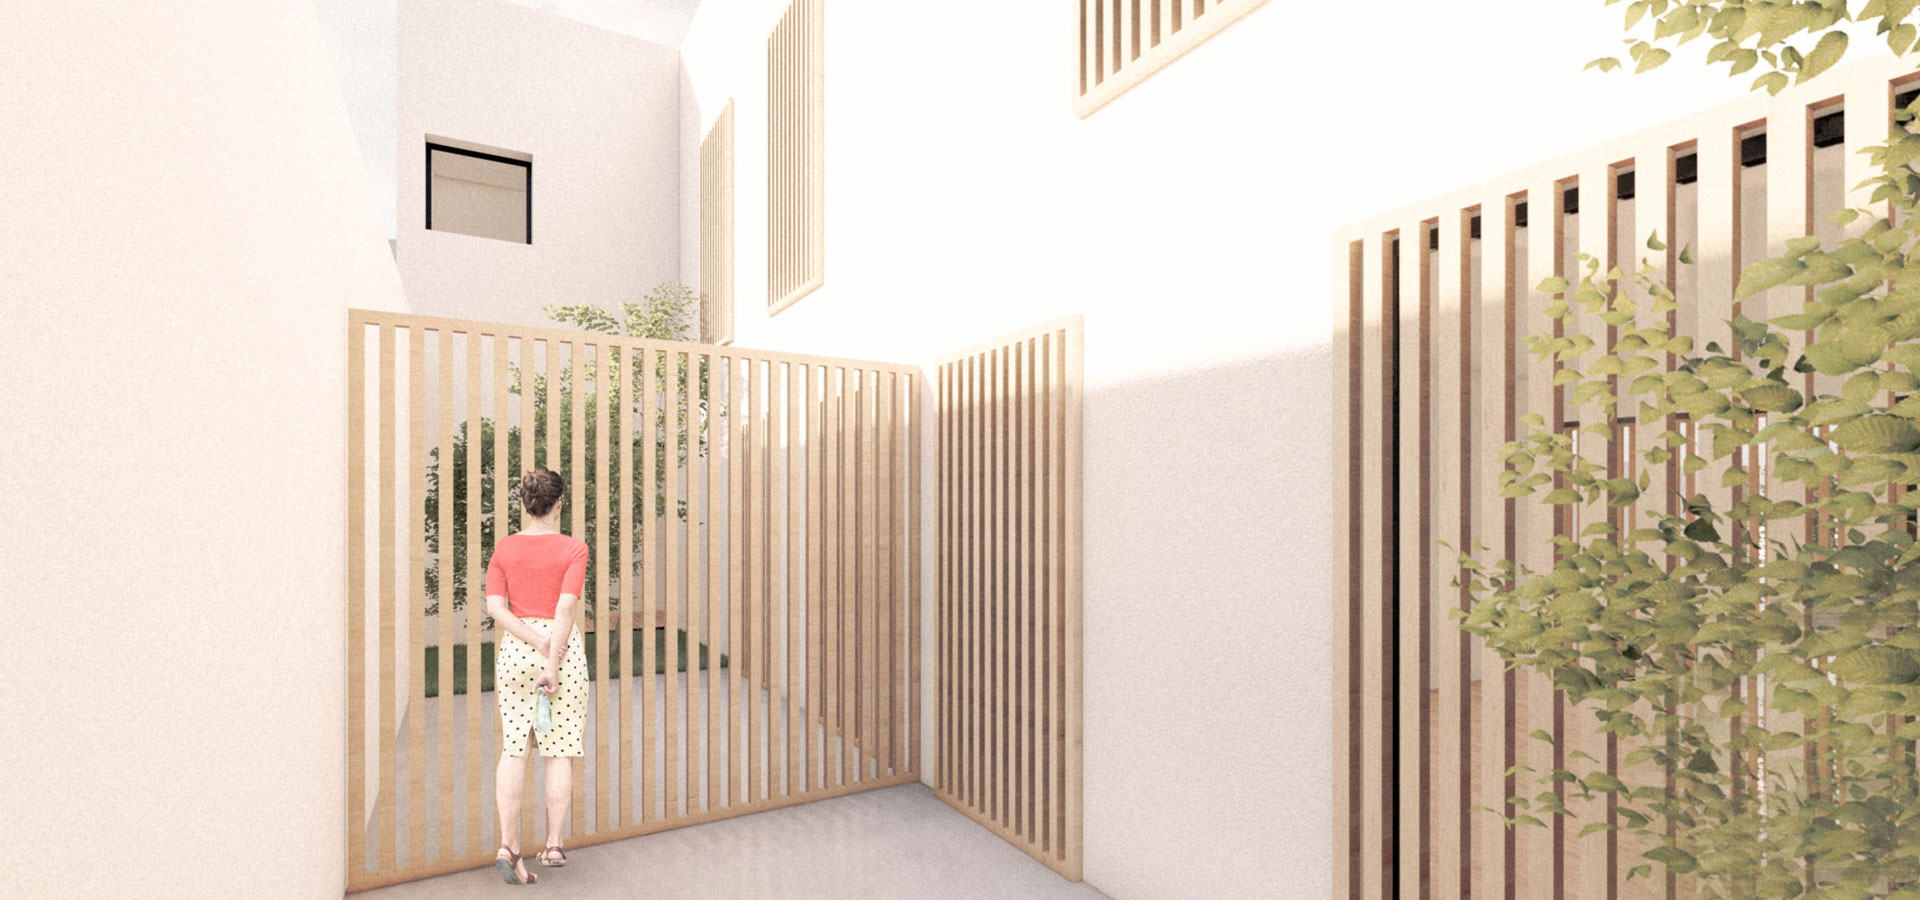 Viviendas-modulares-en-Palma-de-Mallorca-cerradas-2